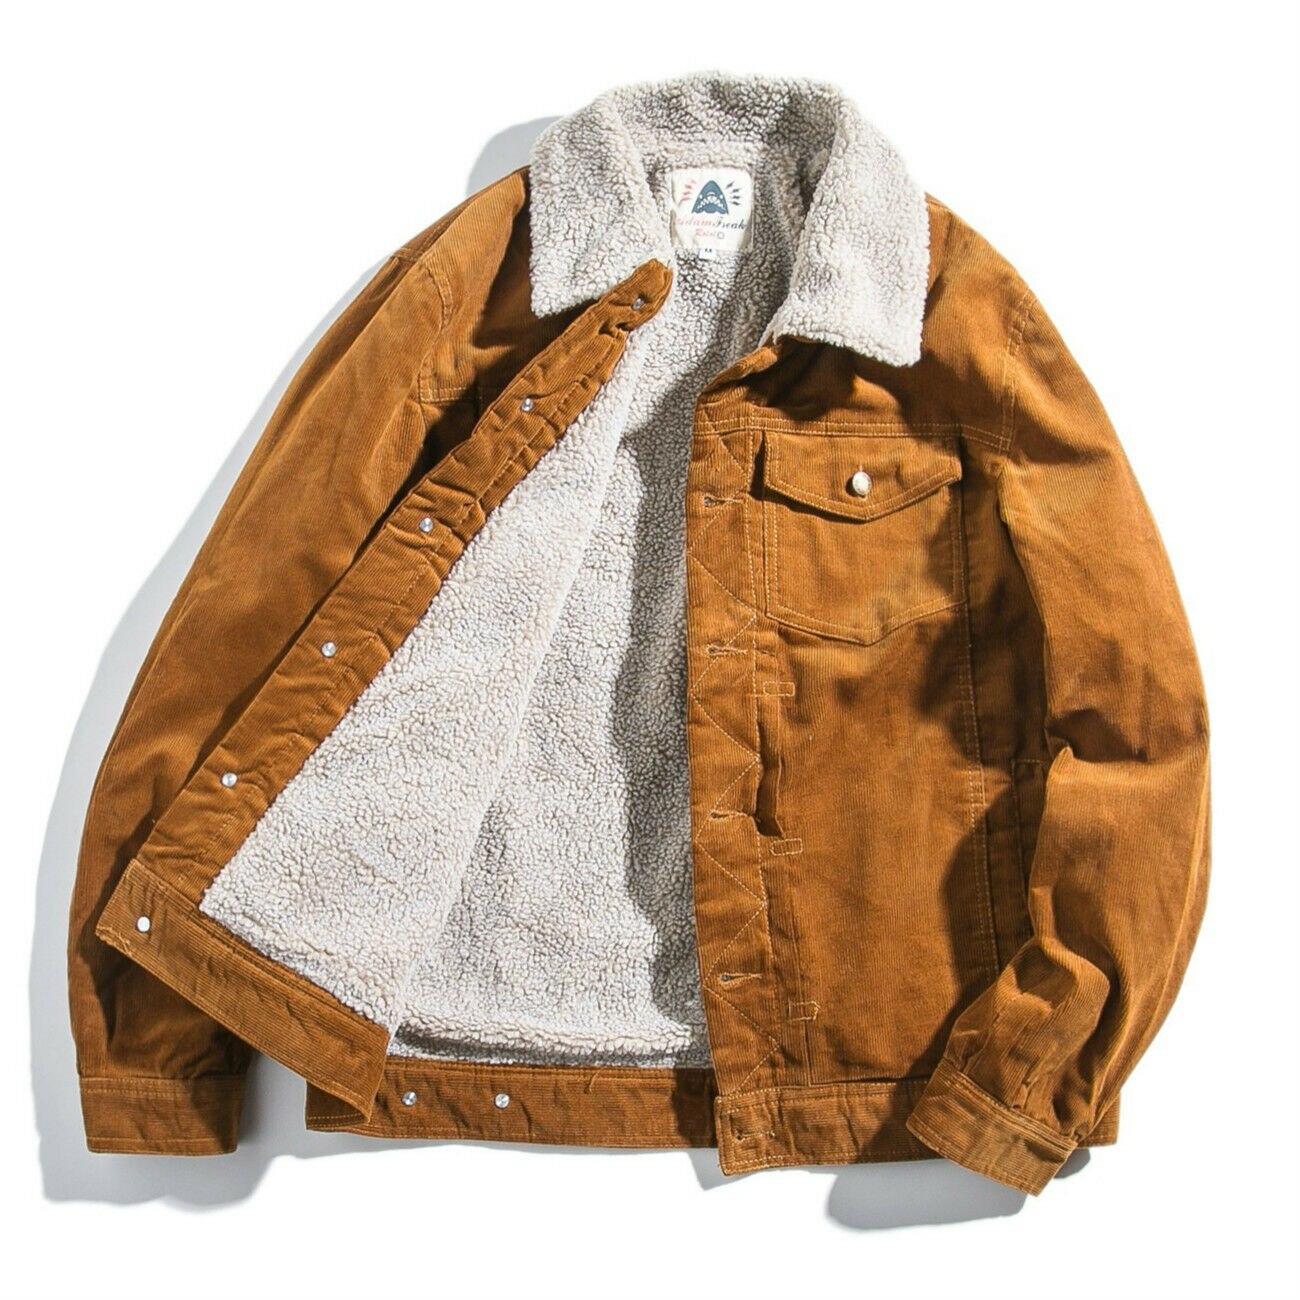 الرجال سروال قصير شيربا صوف مبطن معطف سترة أبلى اليابانية الترفيه شتاء دافئ الصوف بطانة معطف أصفر معطف 914-677